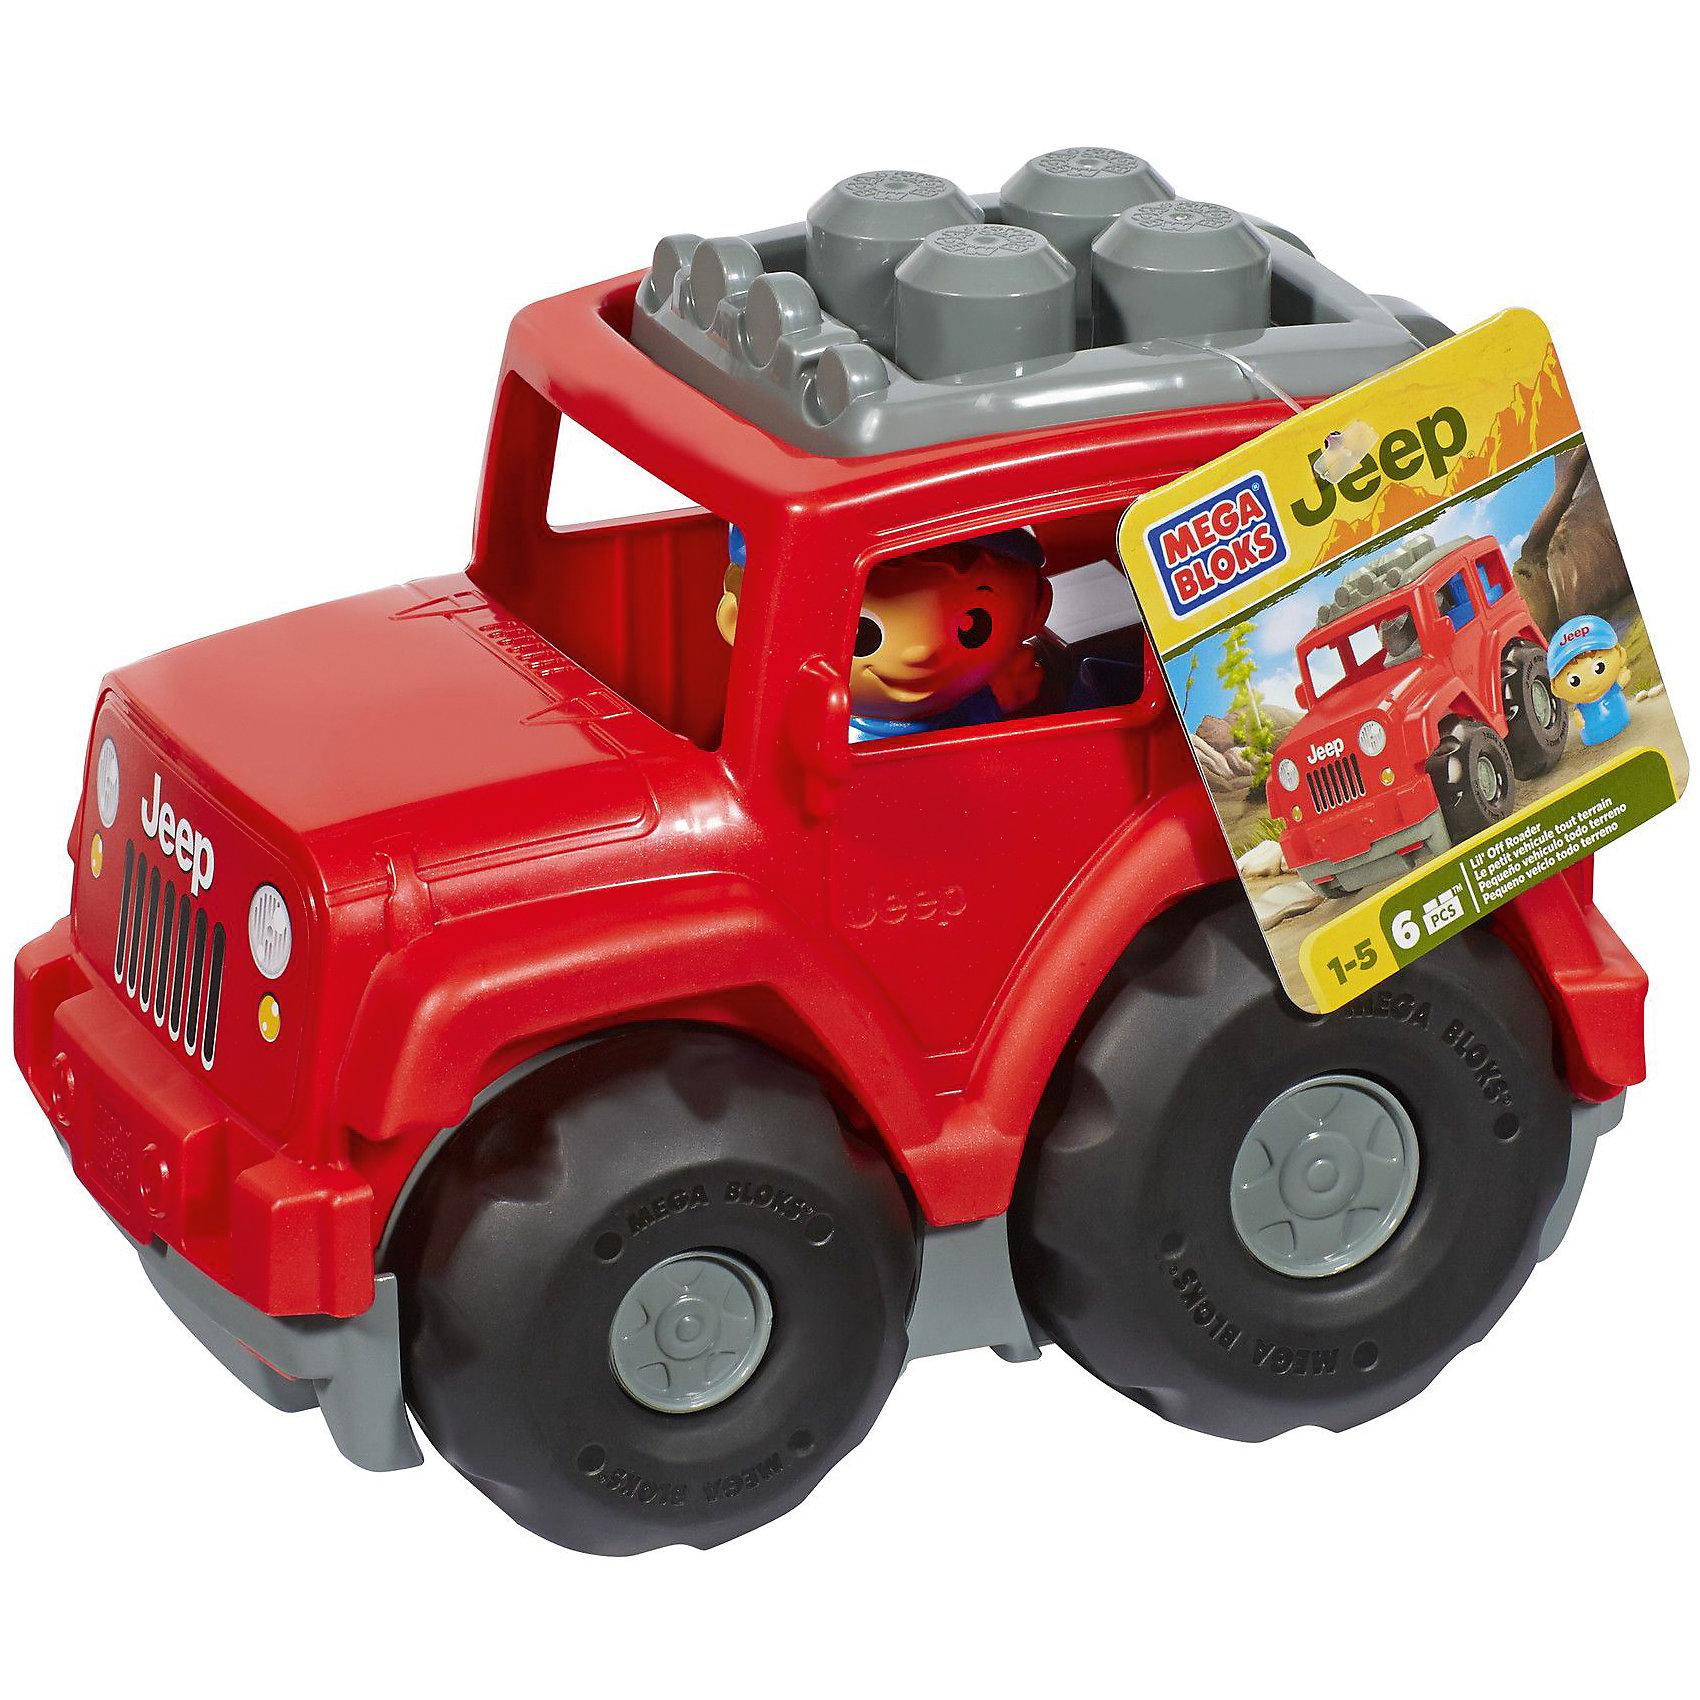 Внедорожник JEEP MEGA BLOKSВнедорожник Jeep, Mega Bloks, не оставит равнодушным маленького автолюбителя. Машинка выполнена в ярких красочных цветах, крупные детали с округлыми краями безопасны для детей и удобны для маленьких ручек. Салон можно загрузить шестью входящими в комплект блоками и поместить внутрь фигурку водителя. Яркие блоки также можно прикрепить на крышу, изменив внешний вид автомобиля. Большие широкие колеса позволяют легко катать машинку по любой поверхности. Набор совместим с другими наборами серии First Builders.<br><br>Дополнительная информация:<br><br>- В комплекте: джип, 6 блоков First Builders, фигурка водителя.<br>- Материал: пластик.<br>- Размер упаковки: 23 x 15 x 17 см. <br>- Вес: 0,46 кг.<br><br>Внедорожник Jeep, MEGA BLOKS, можно купить в нашем интернет-магазине.<br><br>Ширина мм: 233<br>Глубина мм: 151<br>Высота мм: 177<br>Вес г: 453<br>Возраст от месяцев: 12<br>Возраст до месяцев: 48<br>Пол: Унисекс<br>Возраст: Детский<br>SKU: 3920910